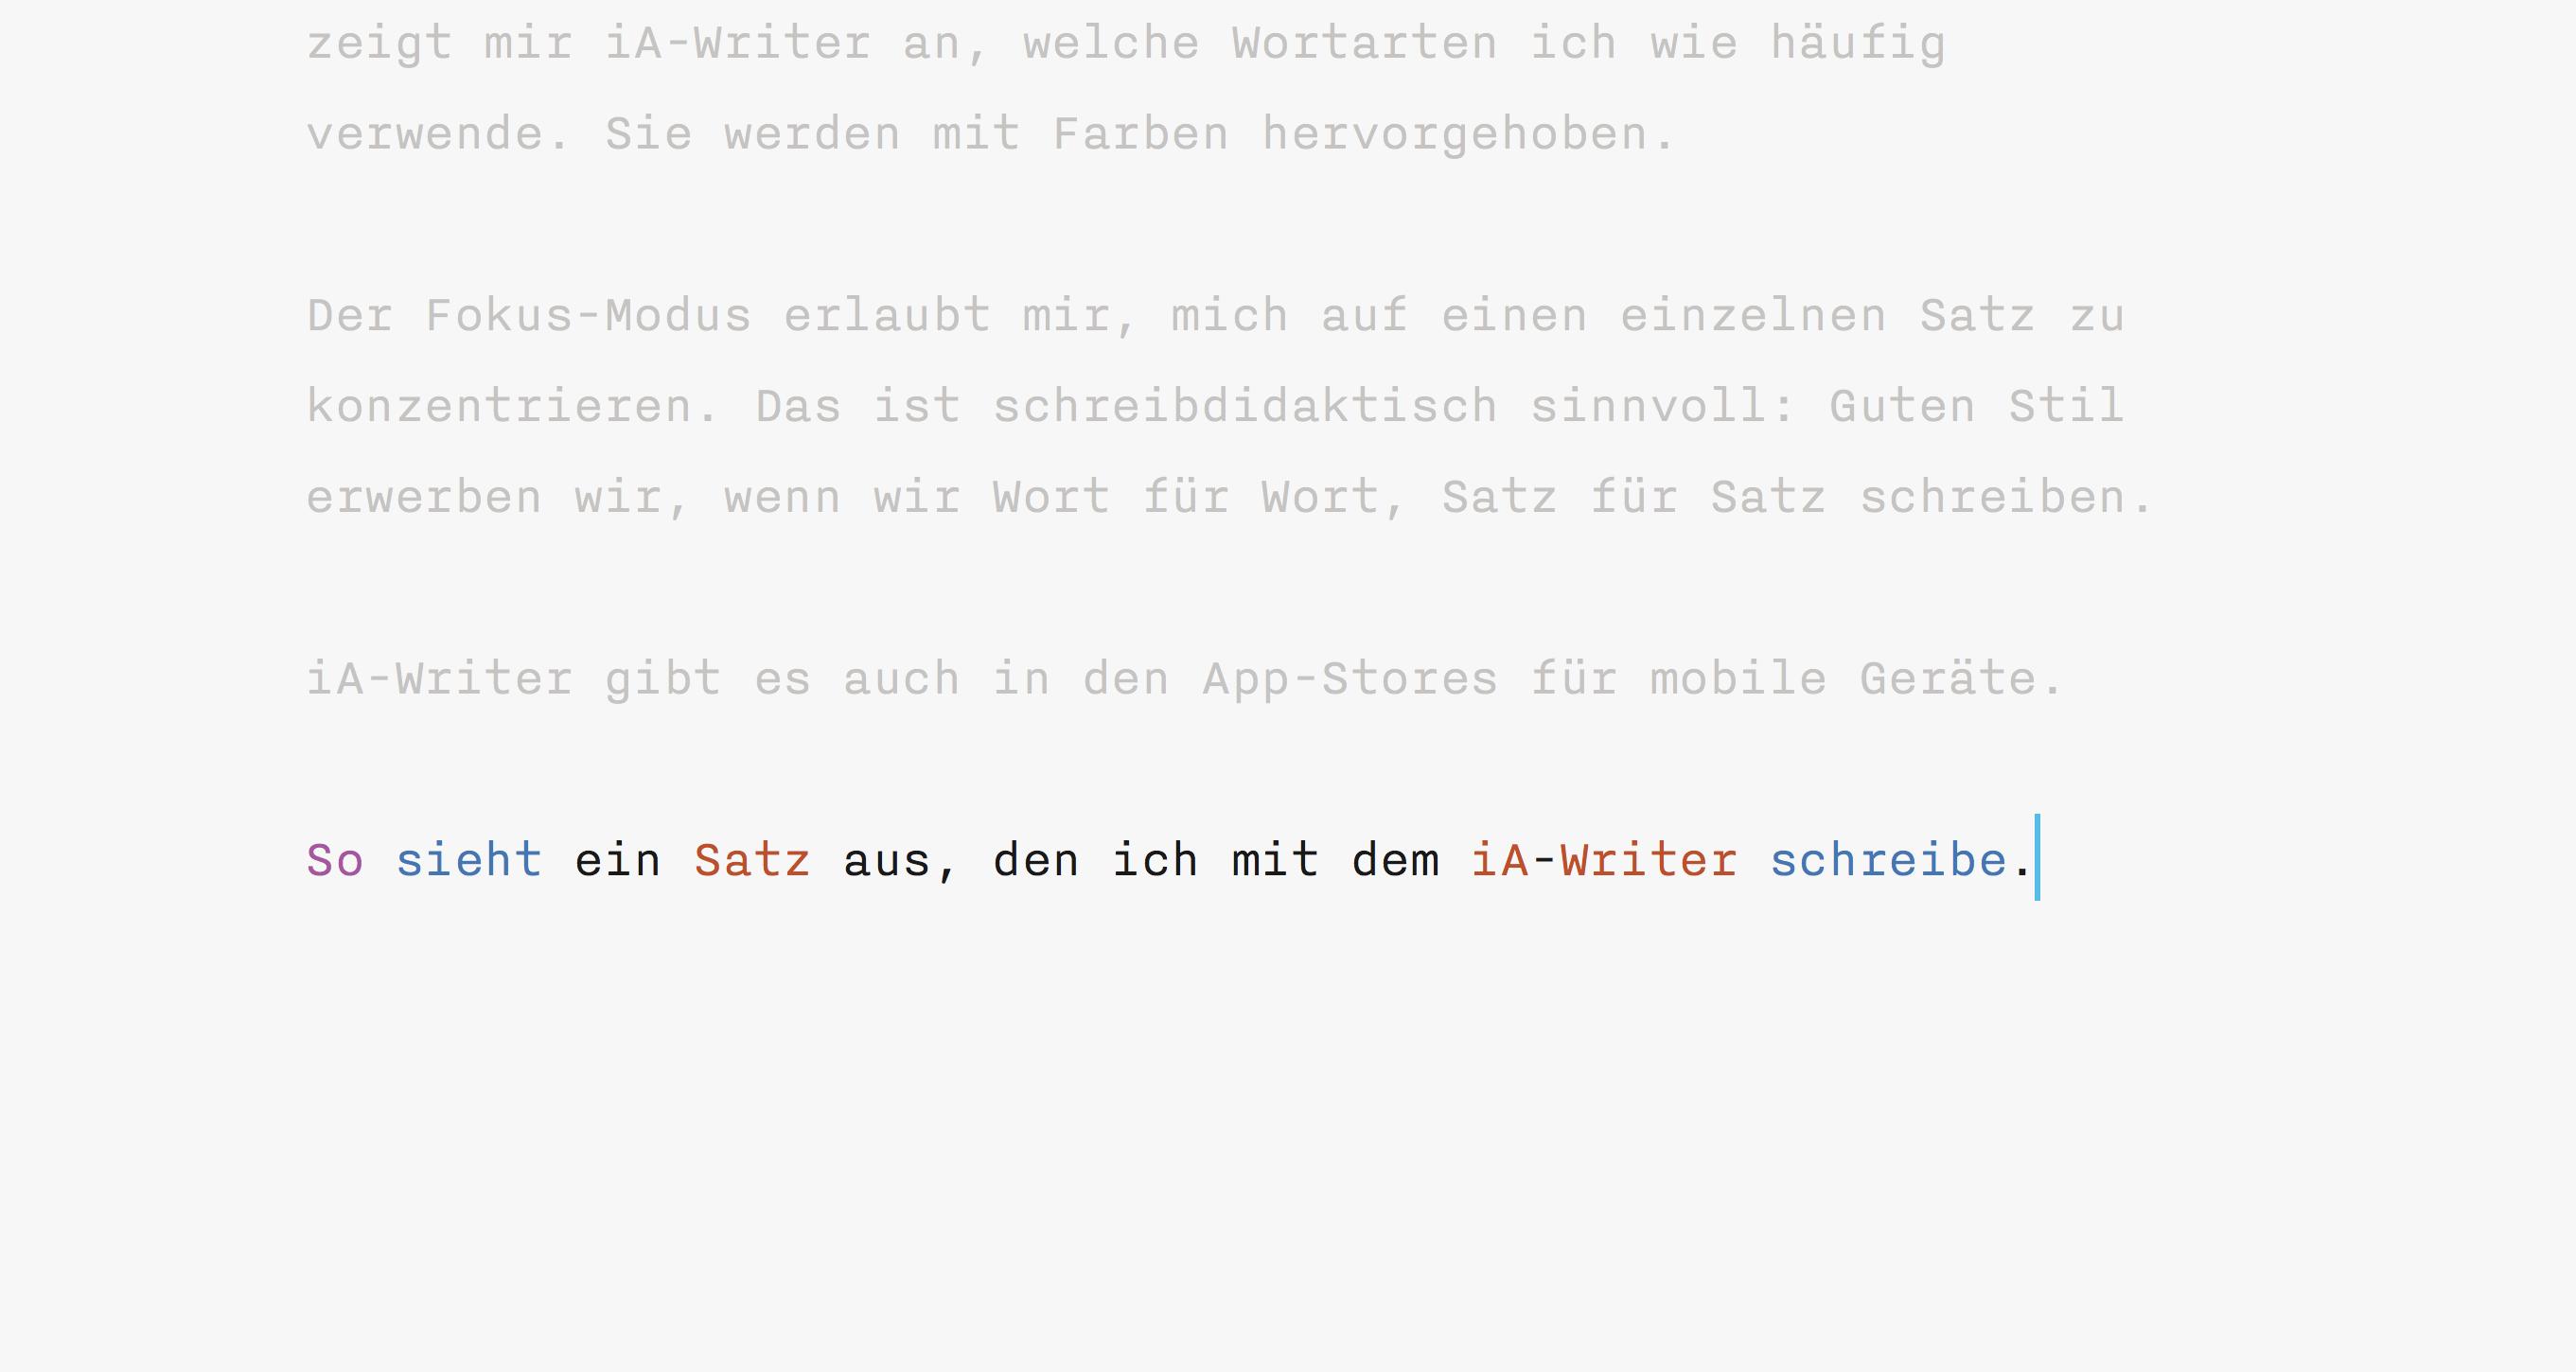 Ziemlich Kommunikationsabschnitt Fortsetzen Galerie - Entry Level ...